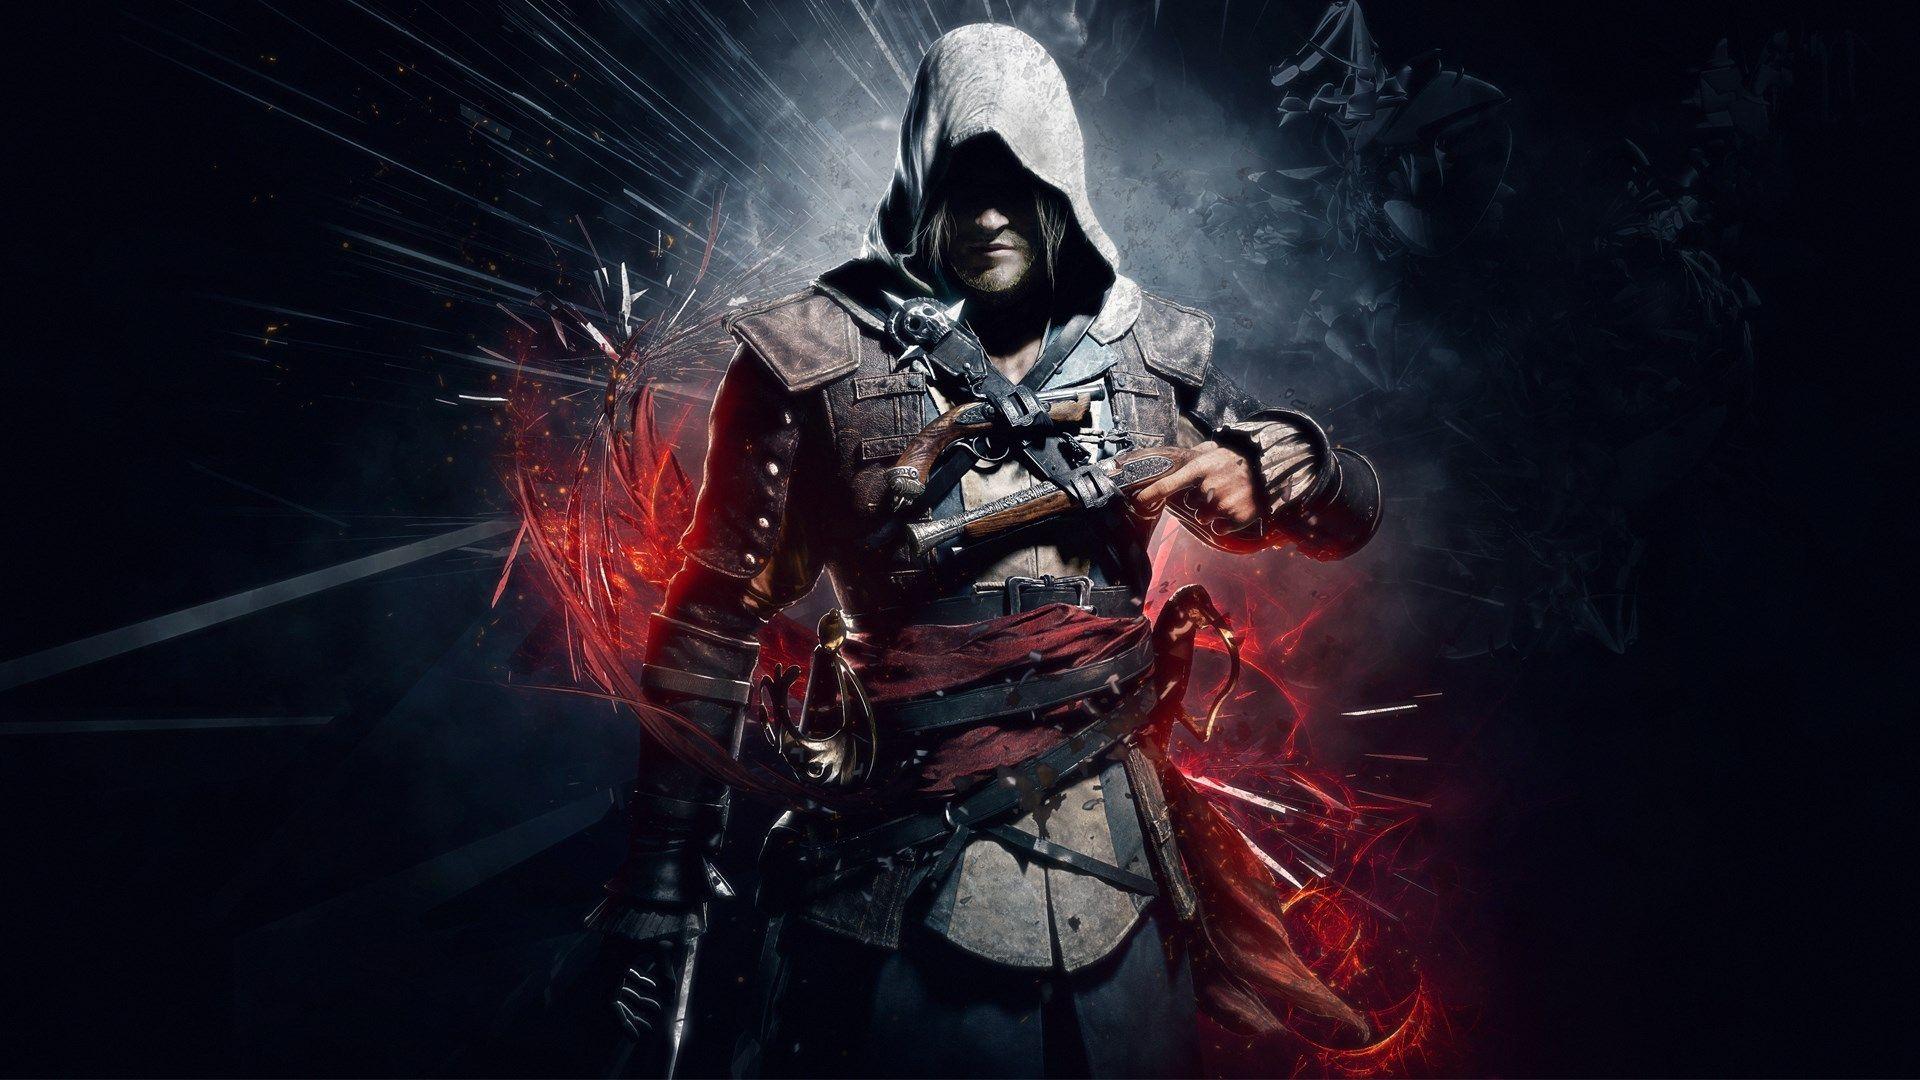 1920x1080 Assassins Creed Desktop Wallpaper Hd Pics Jpg 318 Kb Assassin S Creed Wallpaper Assassins Creed Black Flag Gaming Wallpapers